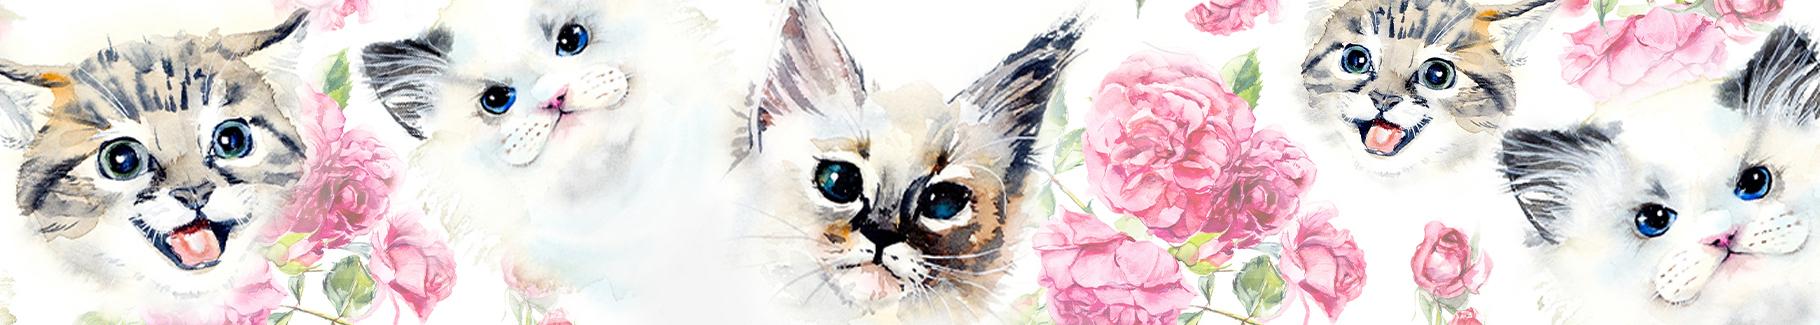 Naklejka kot czarno-biały